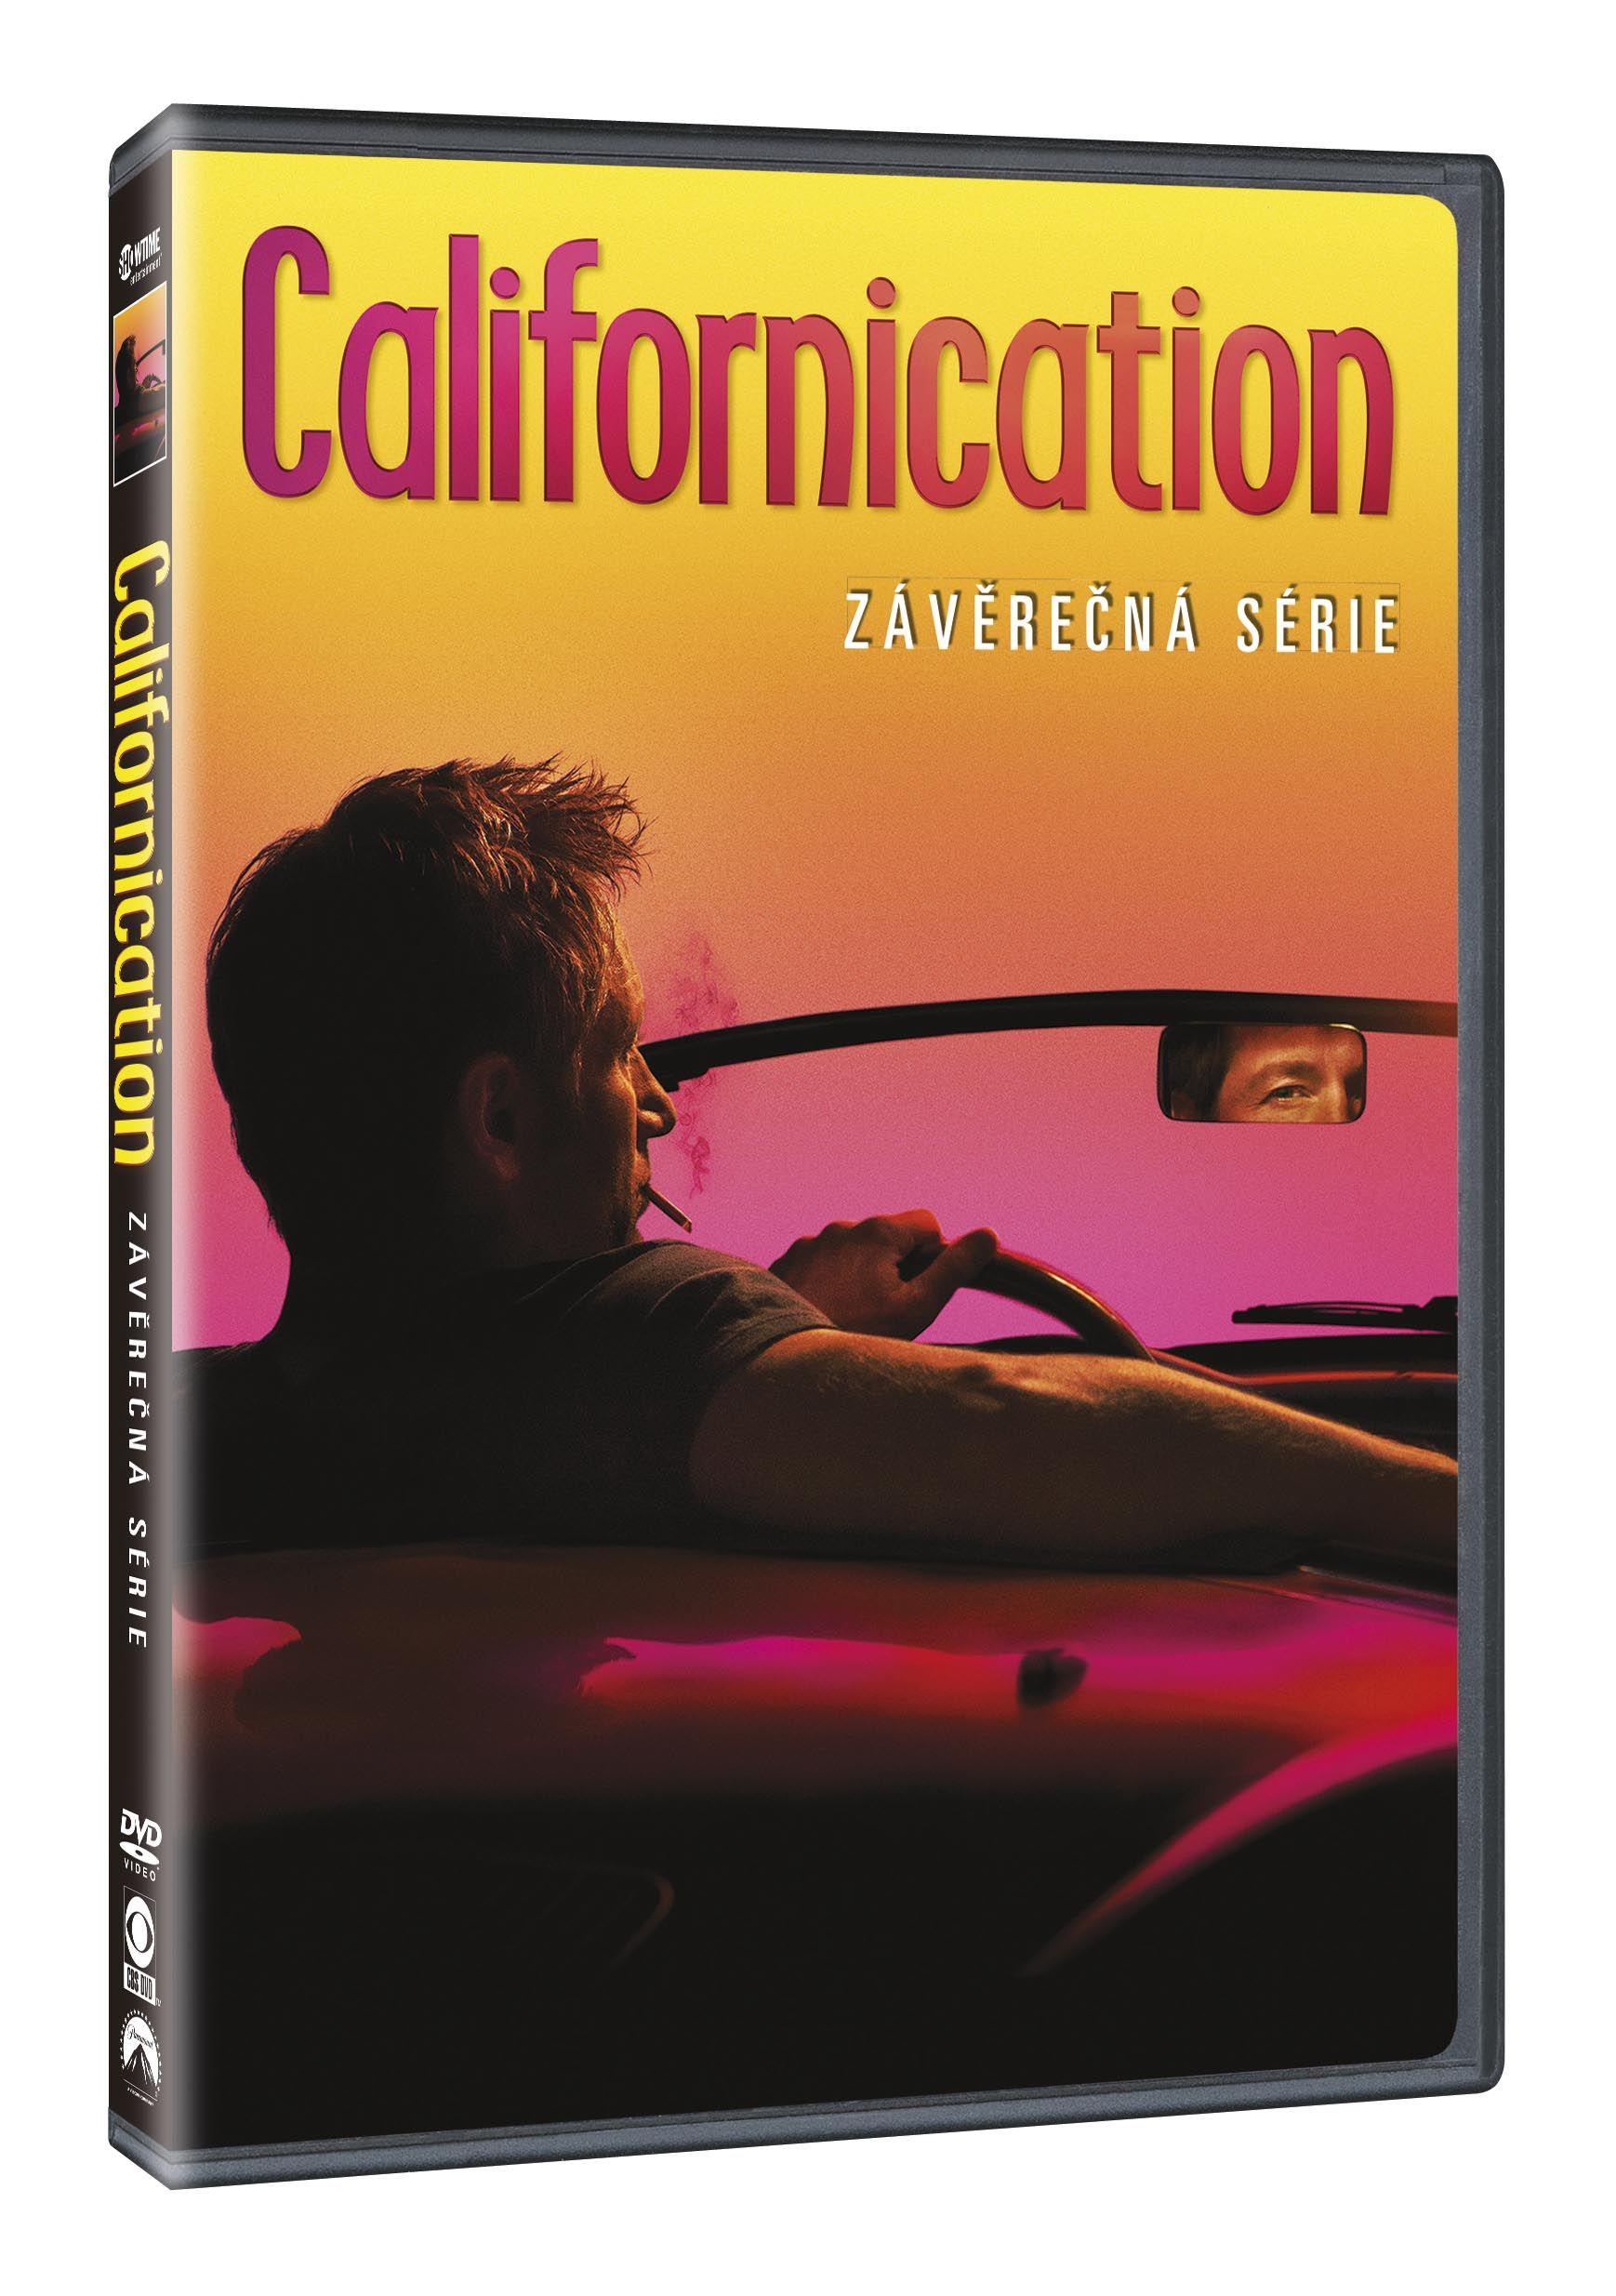 Californication 7. série: Závěrečná série 2DVD (DVD)